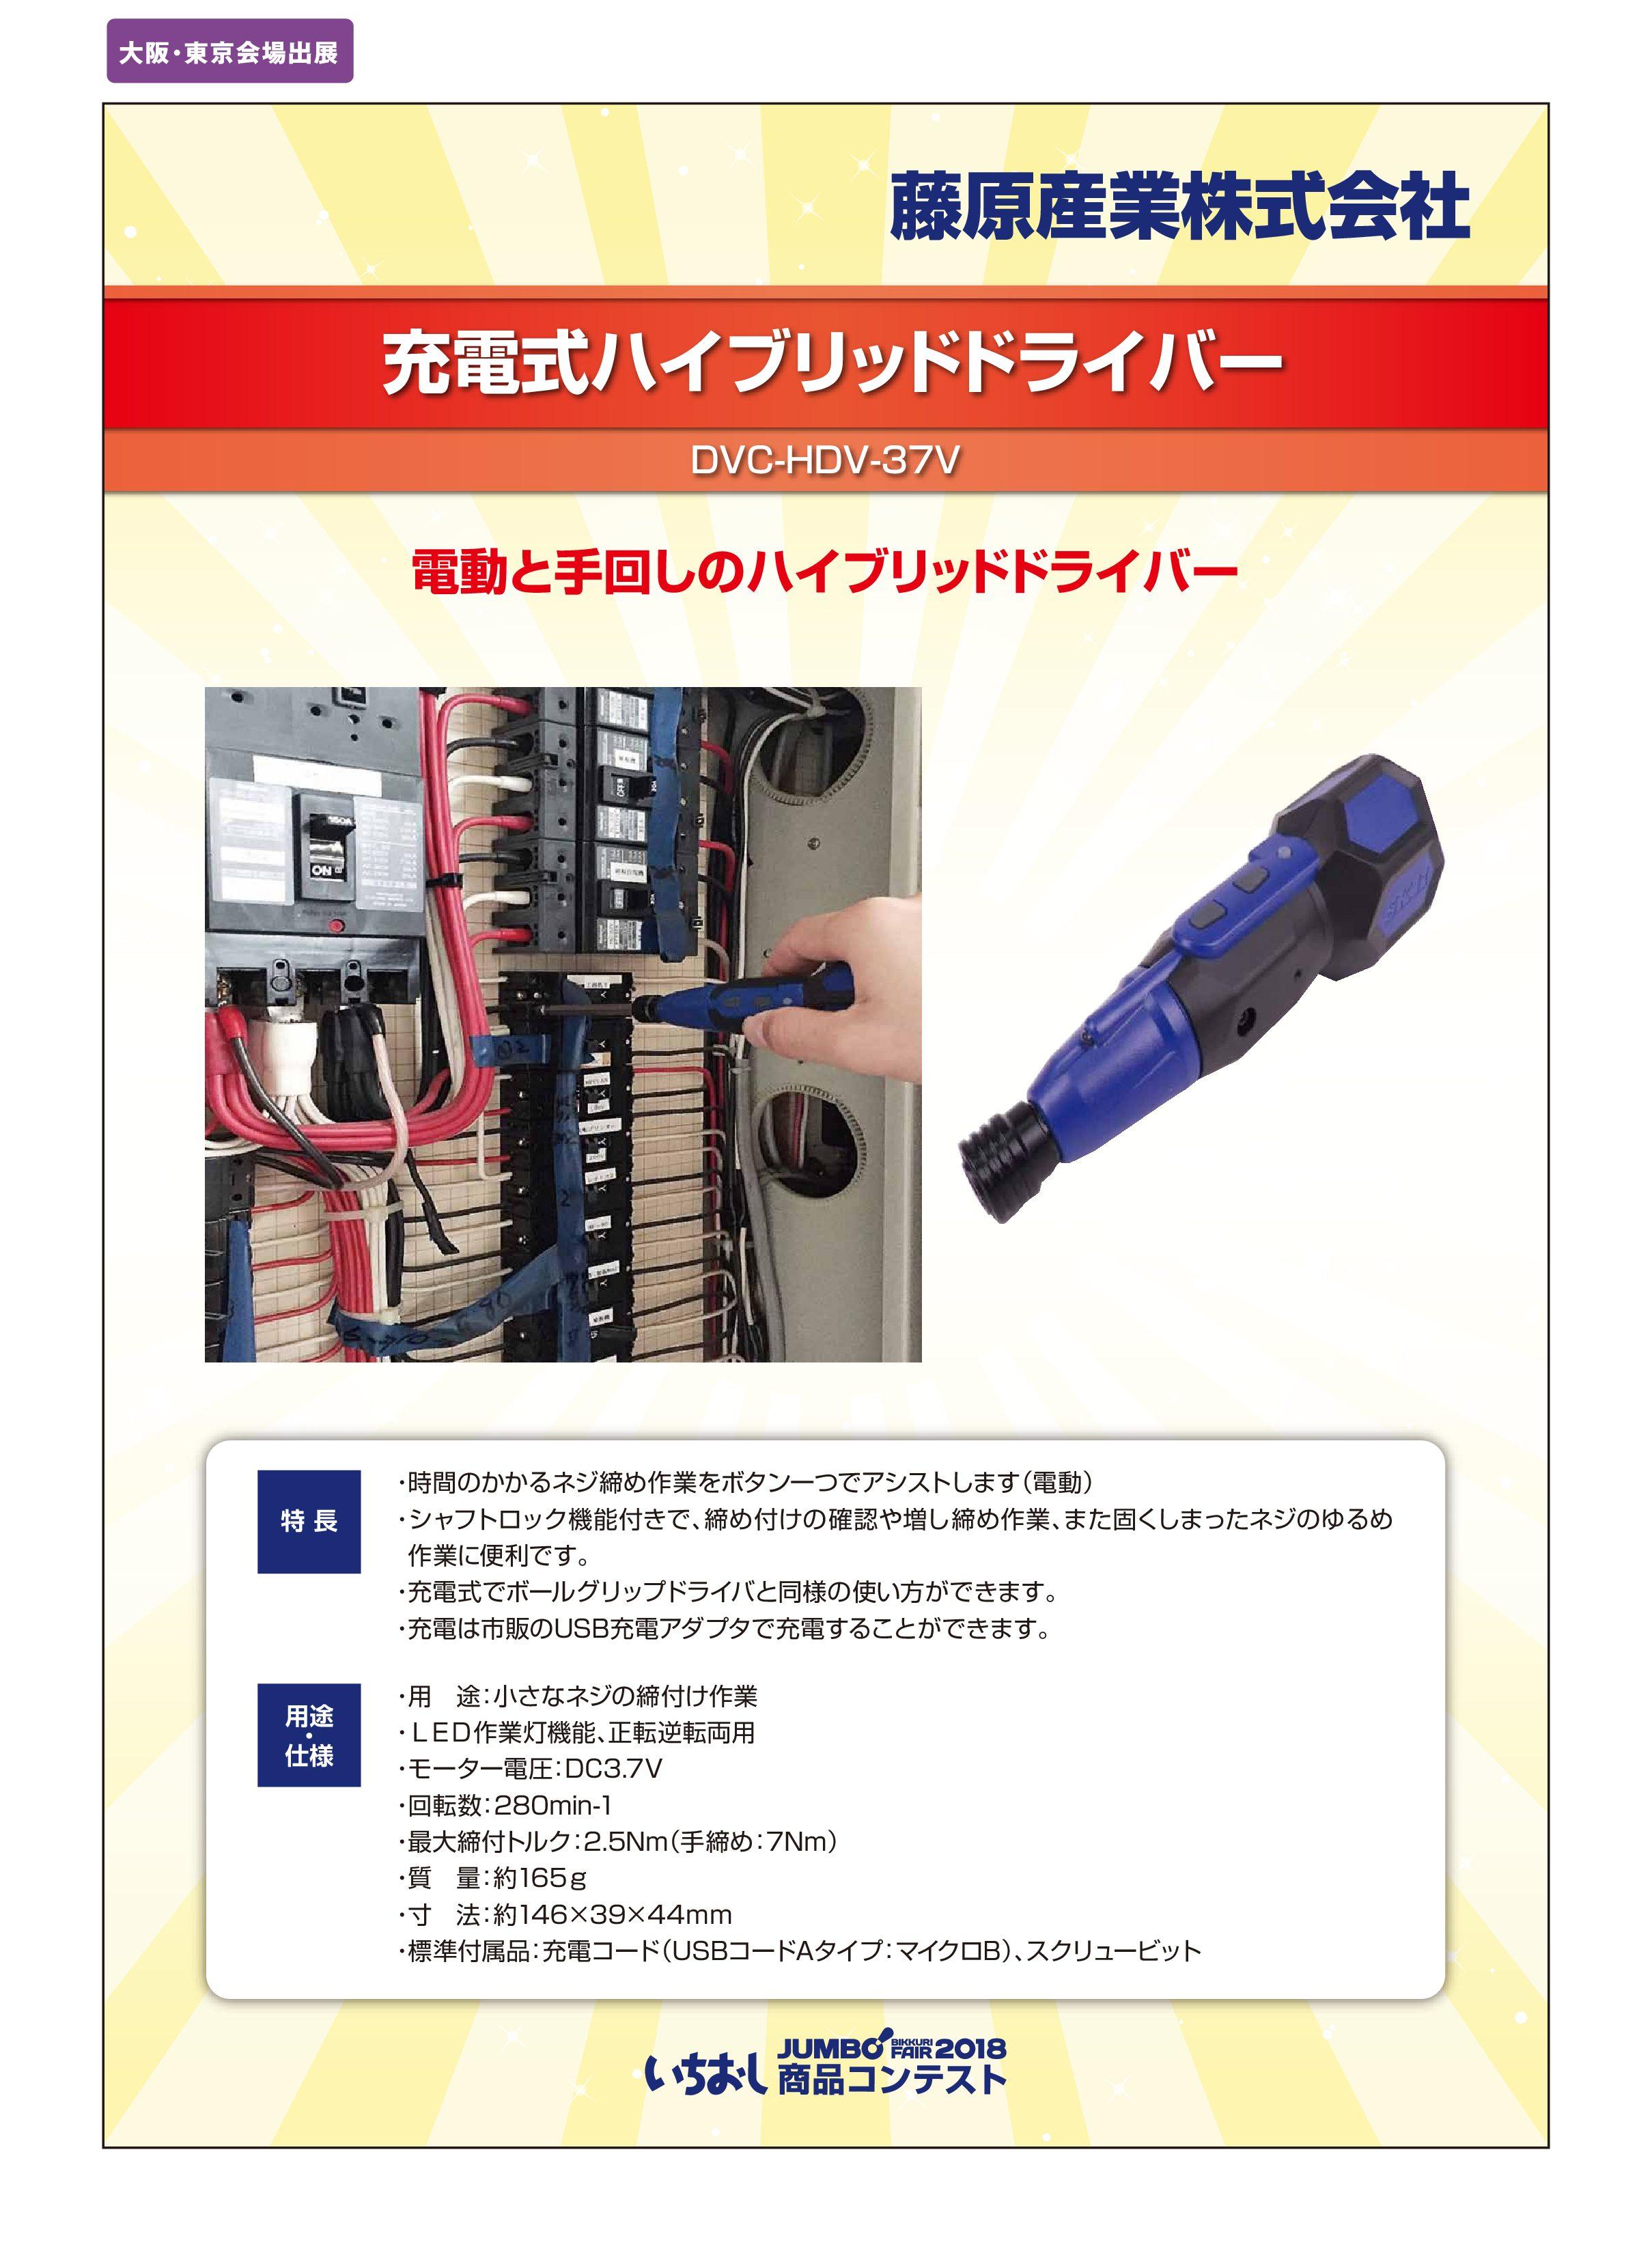 「充電式ハイブリッドドライバー」藤原産業株式会社の画像